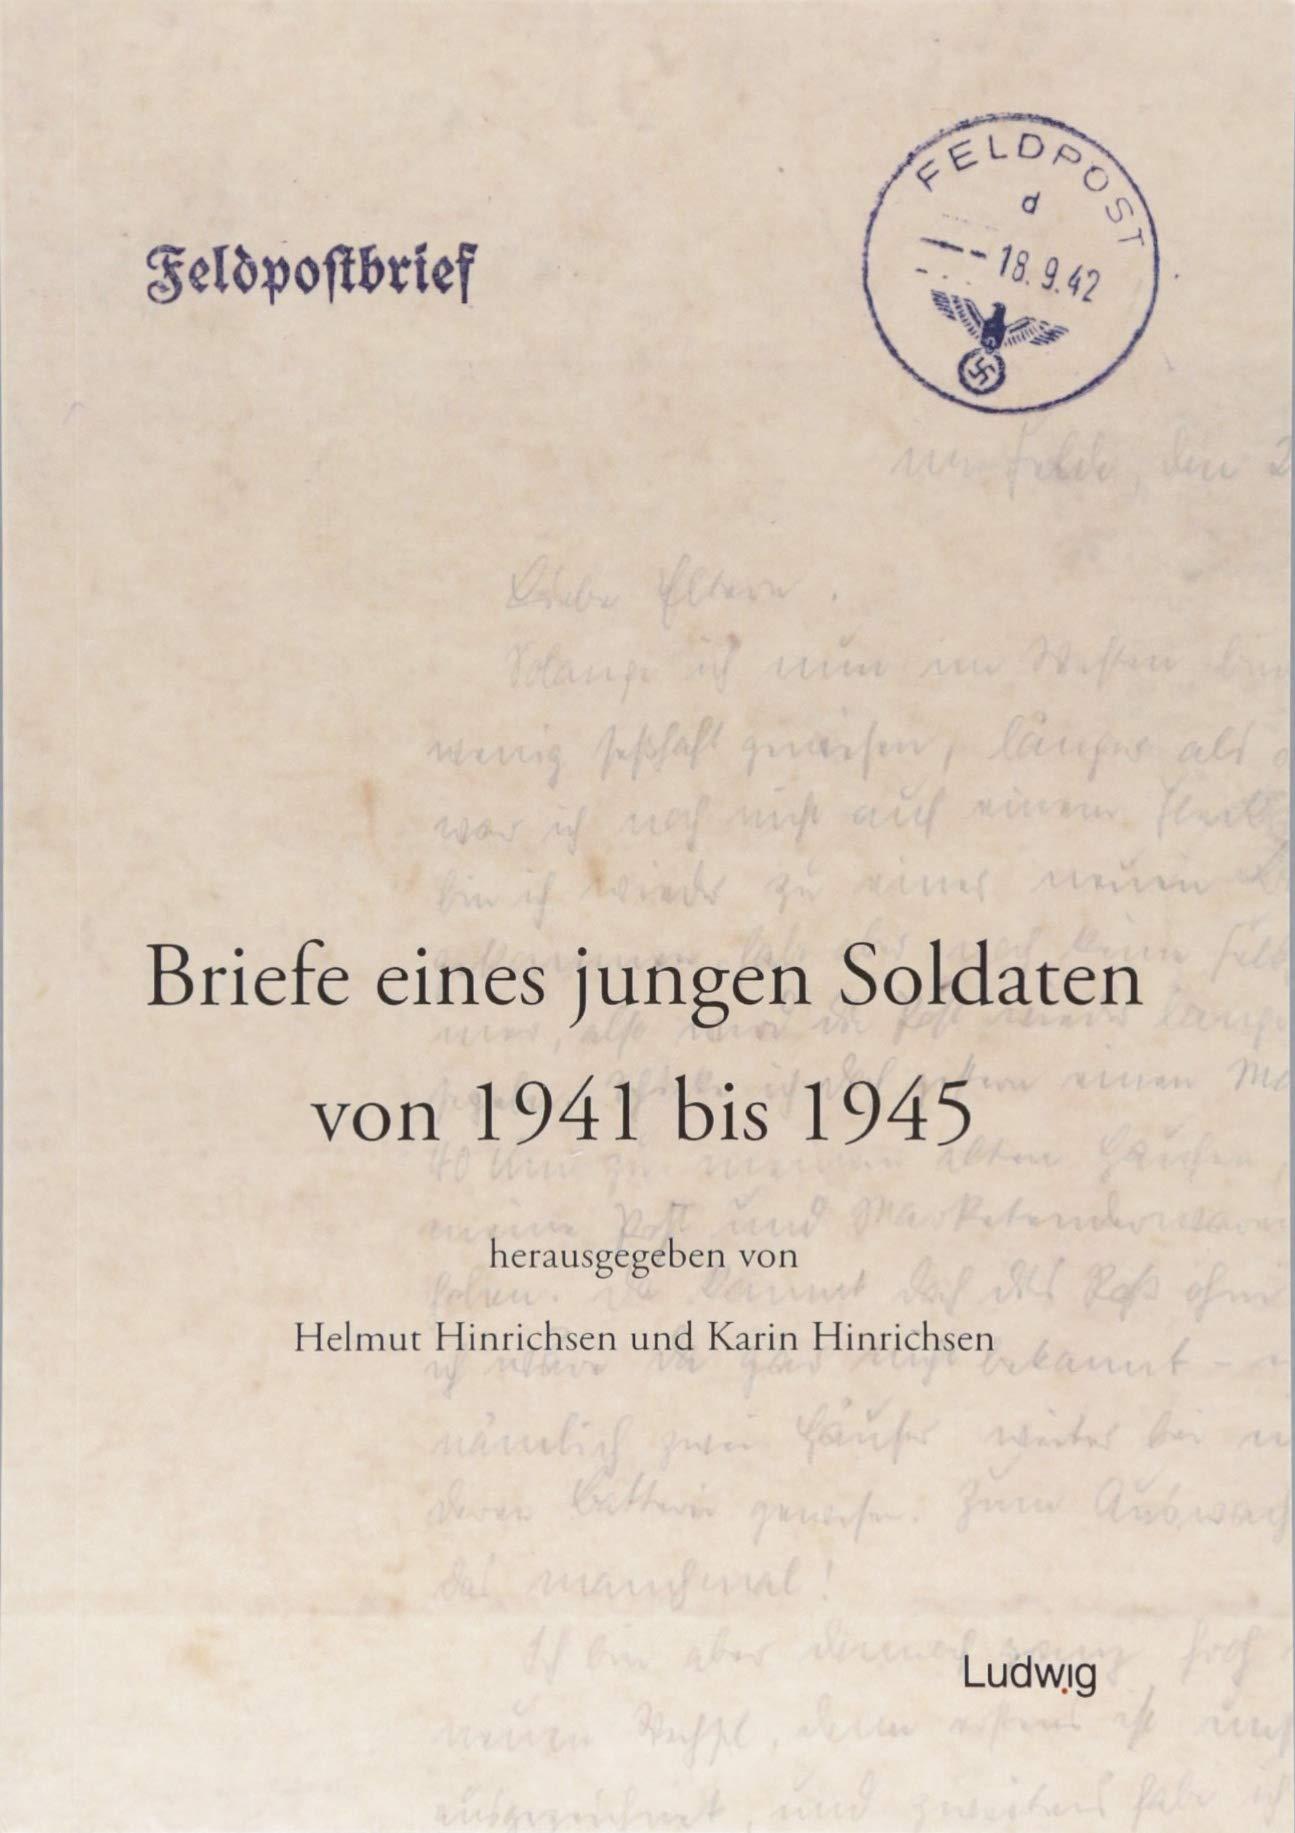 Briefe eines jungen Soldaten von 1941 bis 1945